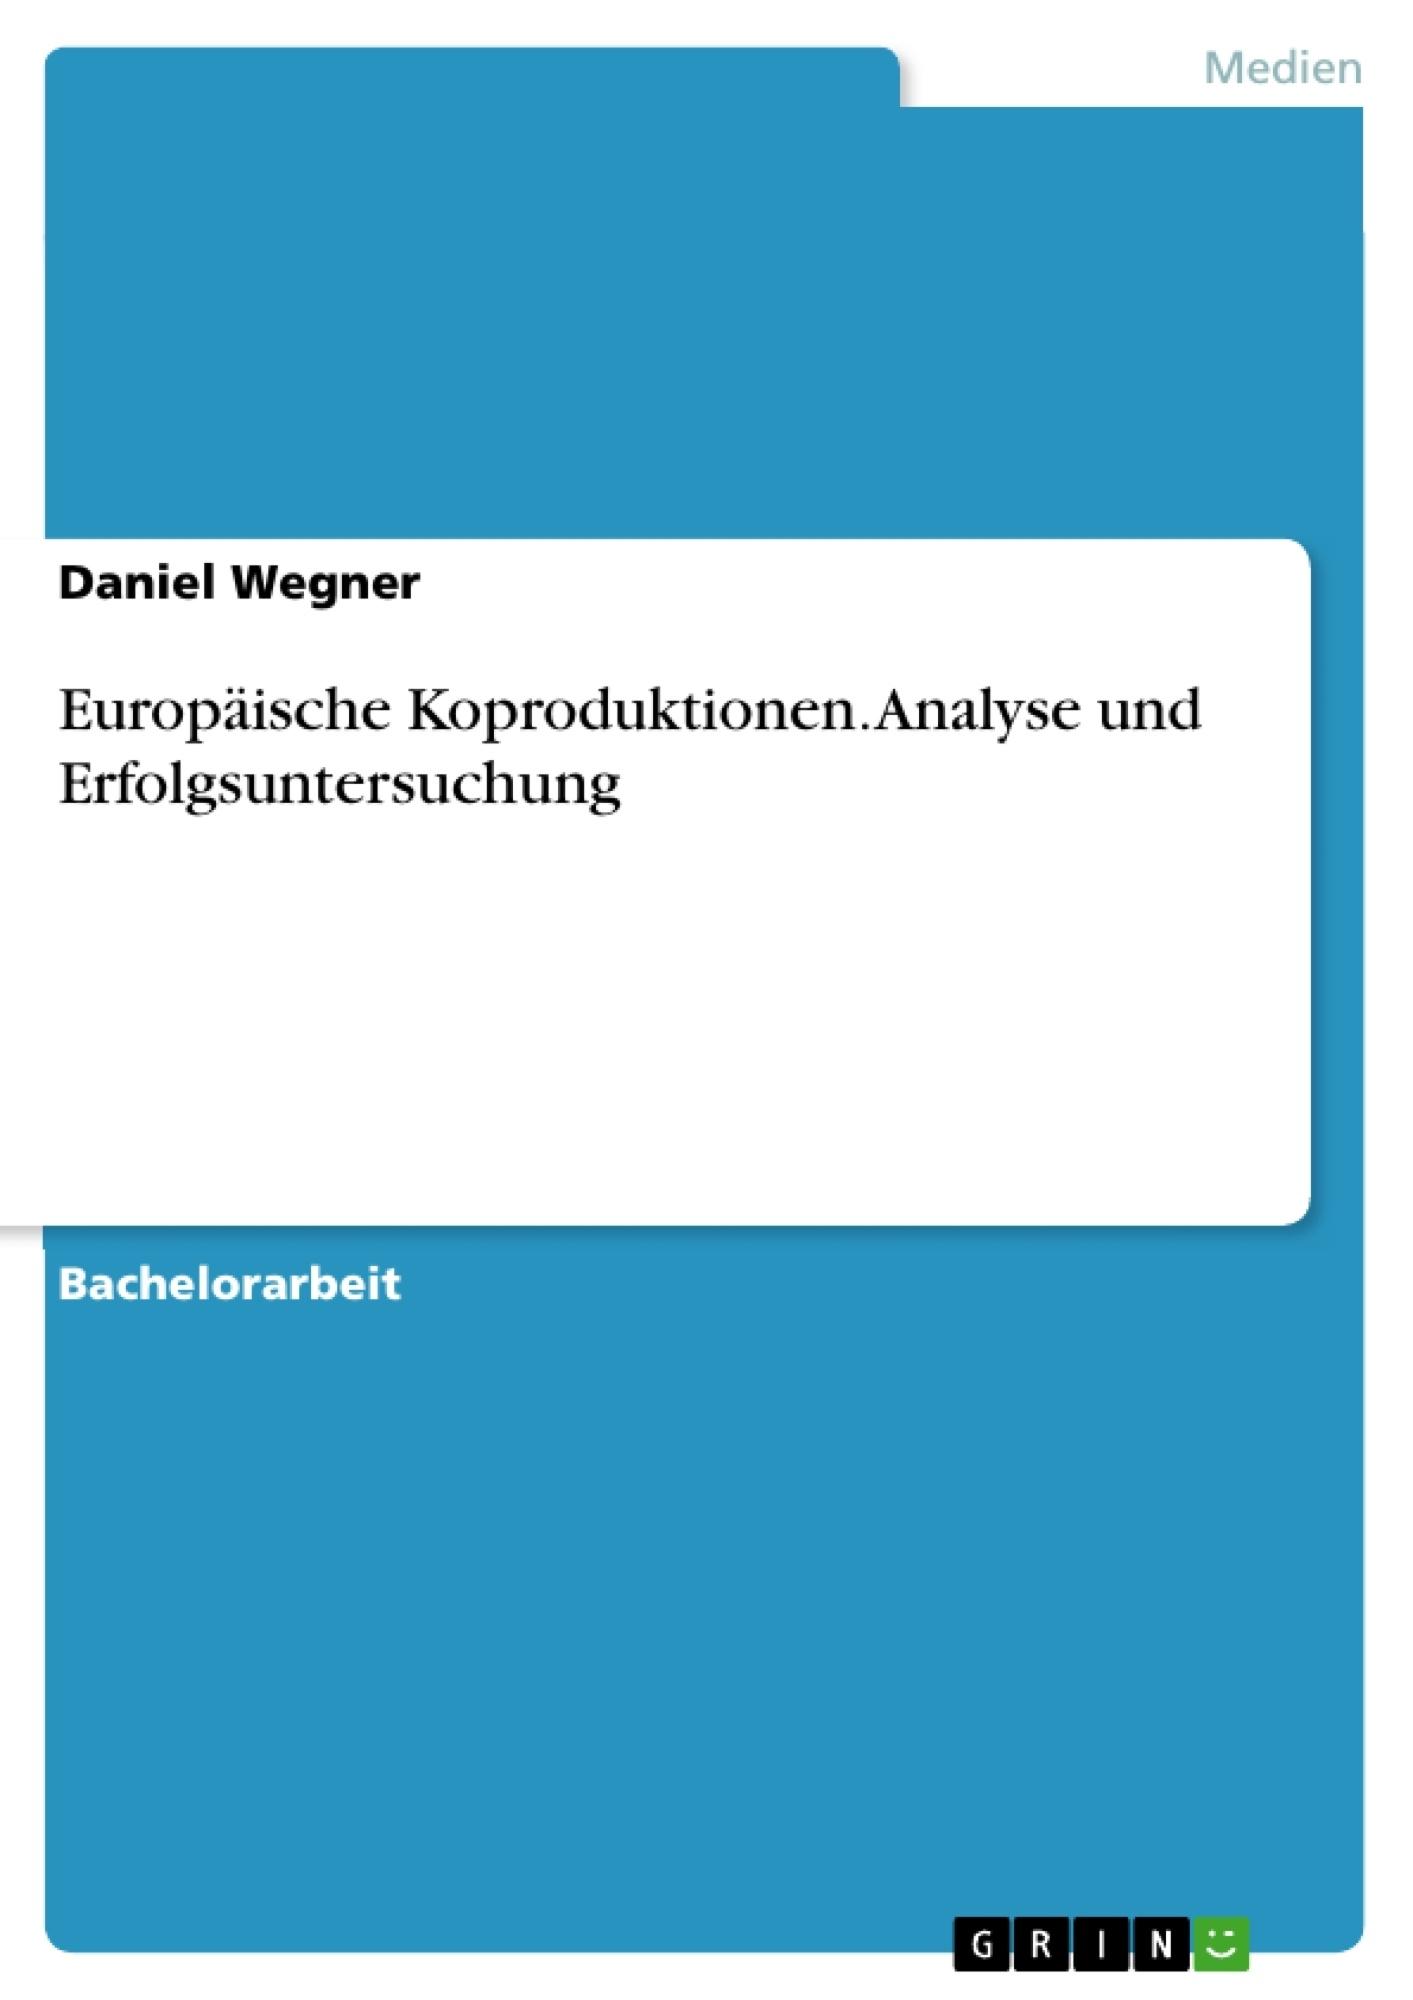 Titel: Europäische Koproduktionen. Analyse und Erfolgsuntersuchung